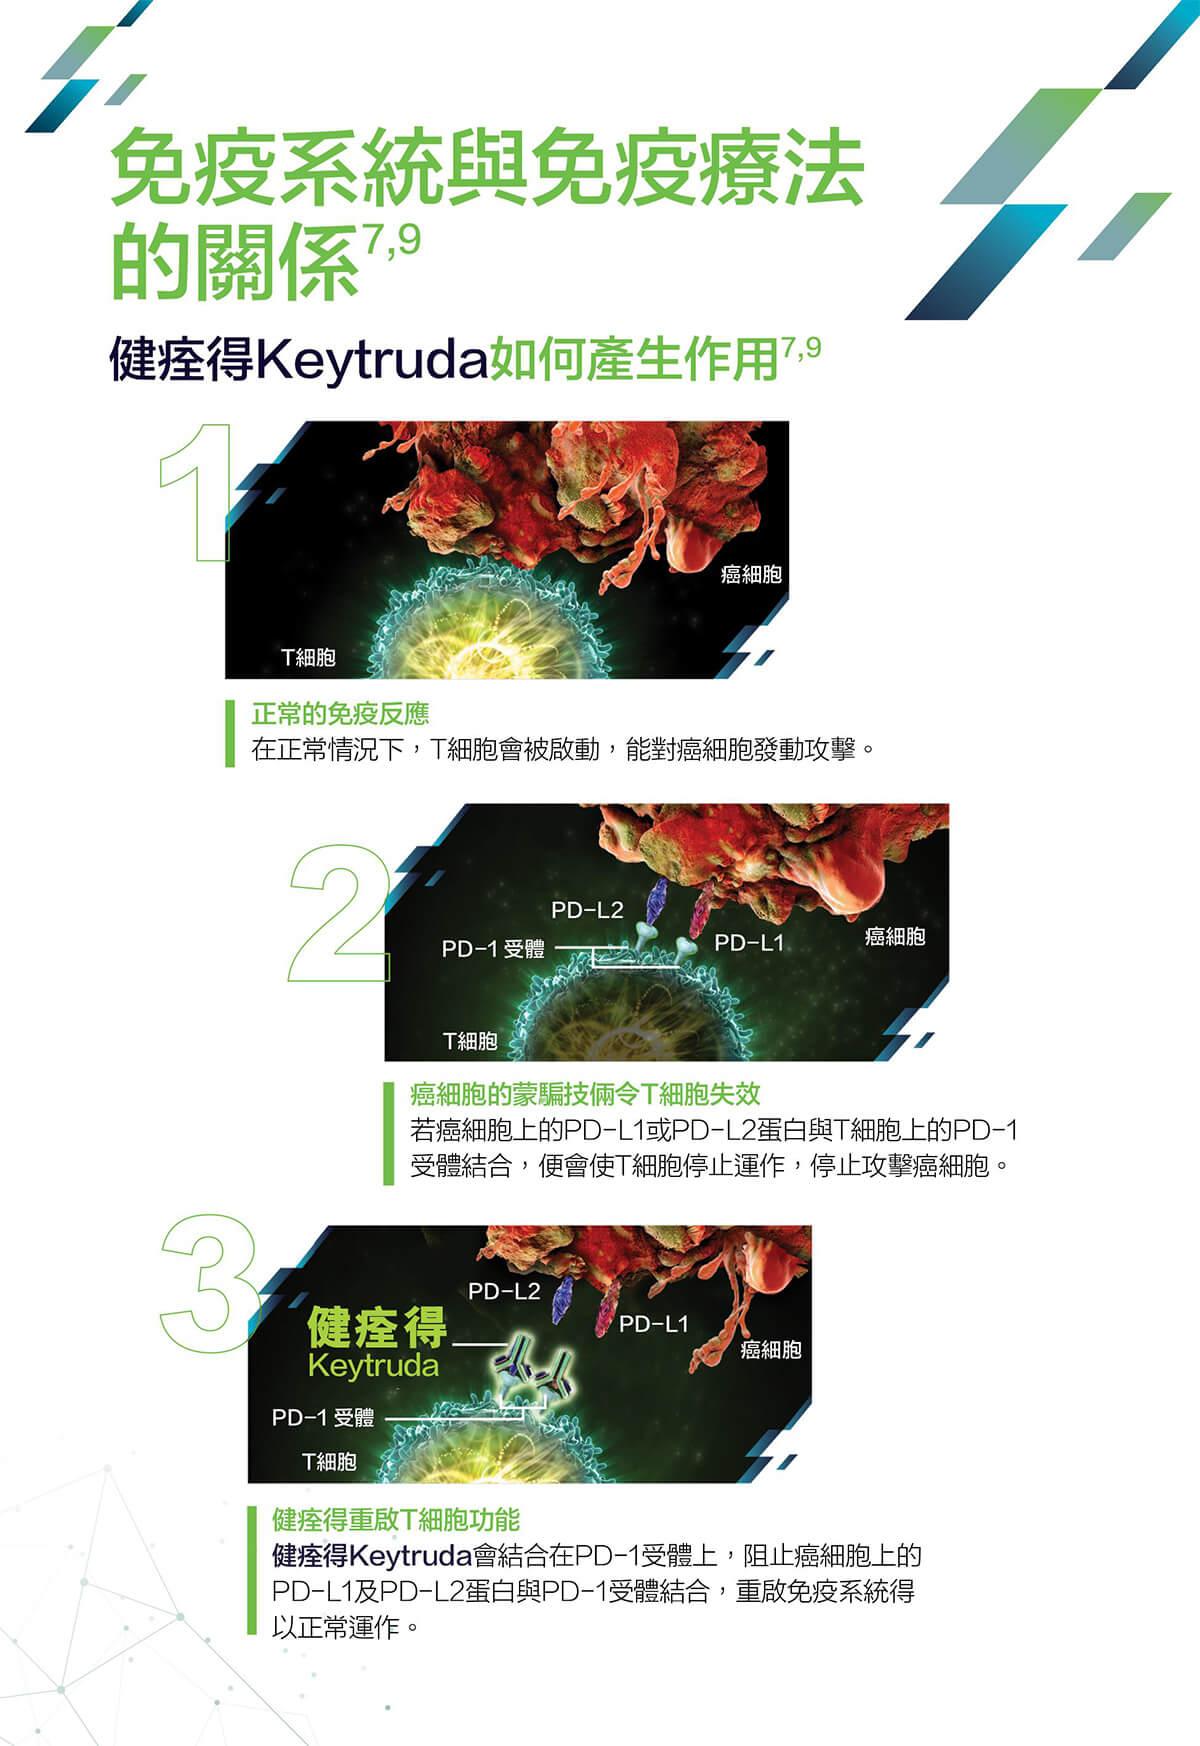 keytruda5.jpg